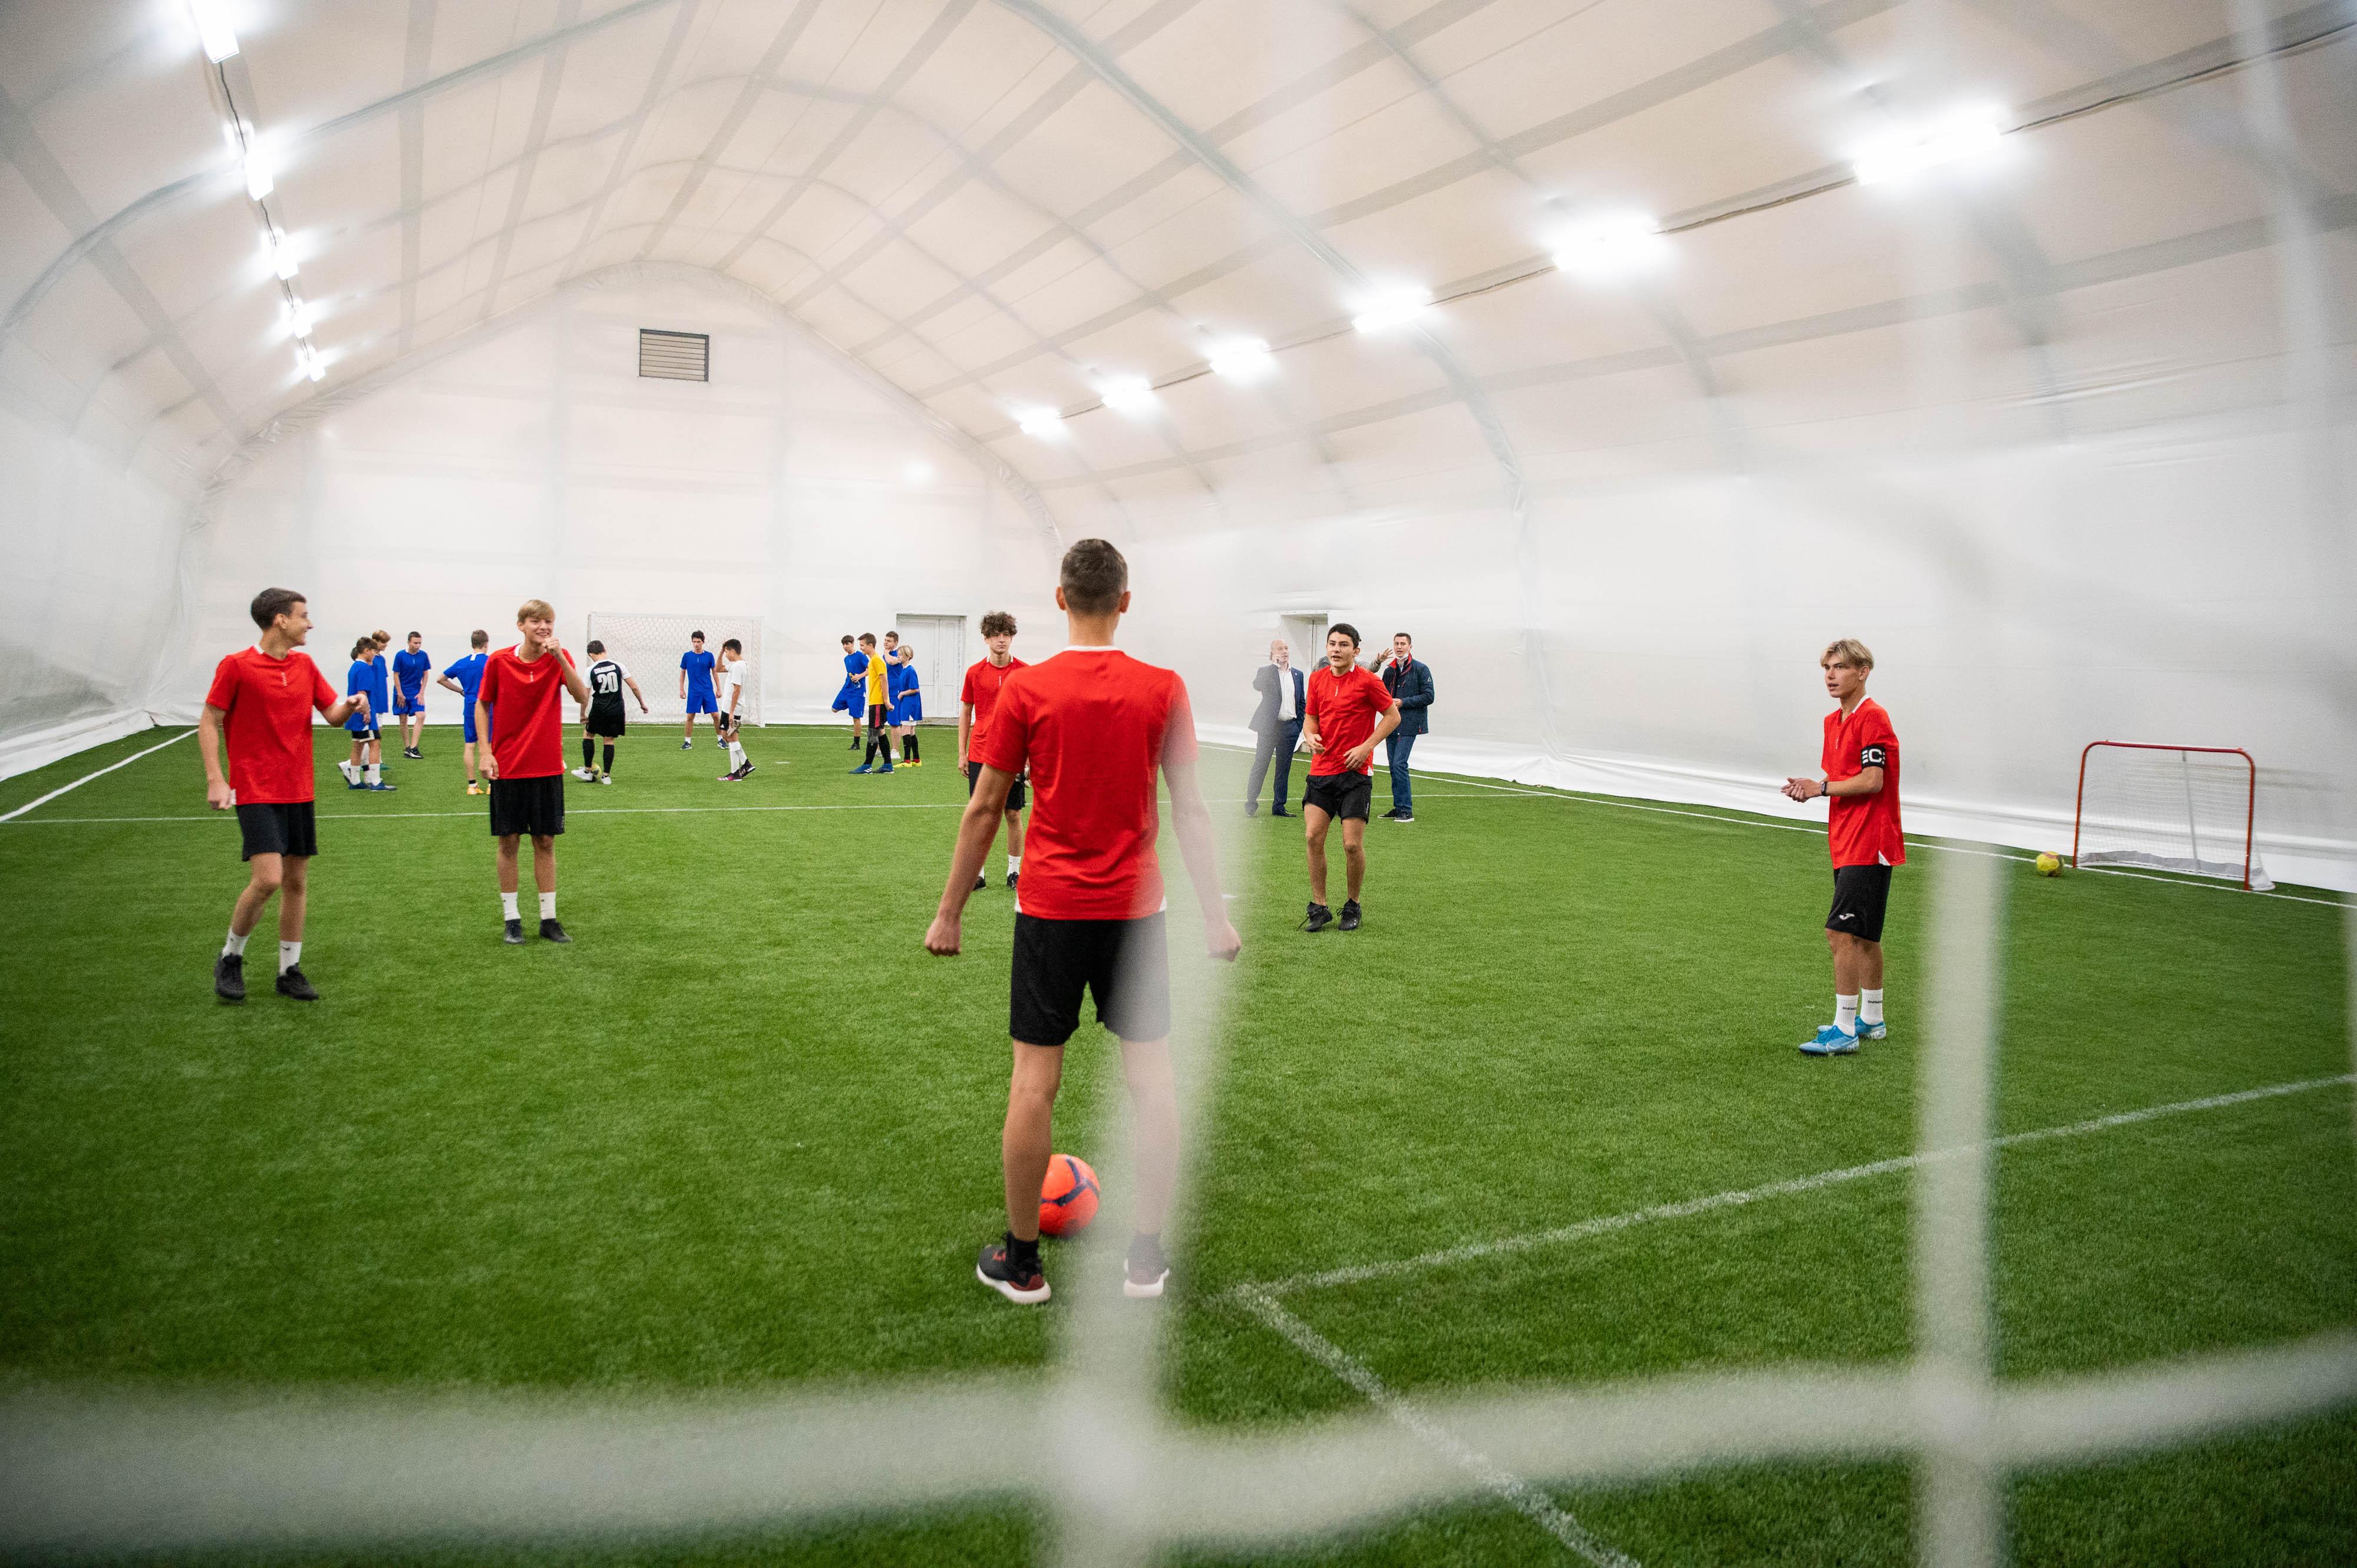 В Люберцах открыли новый футбольный манеж